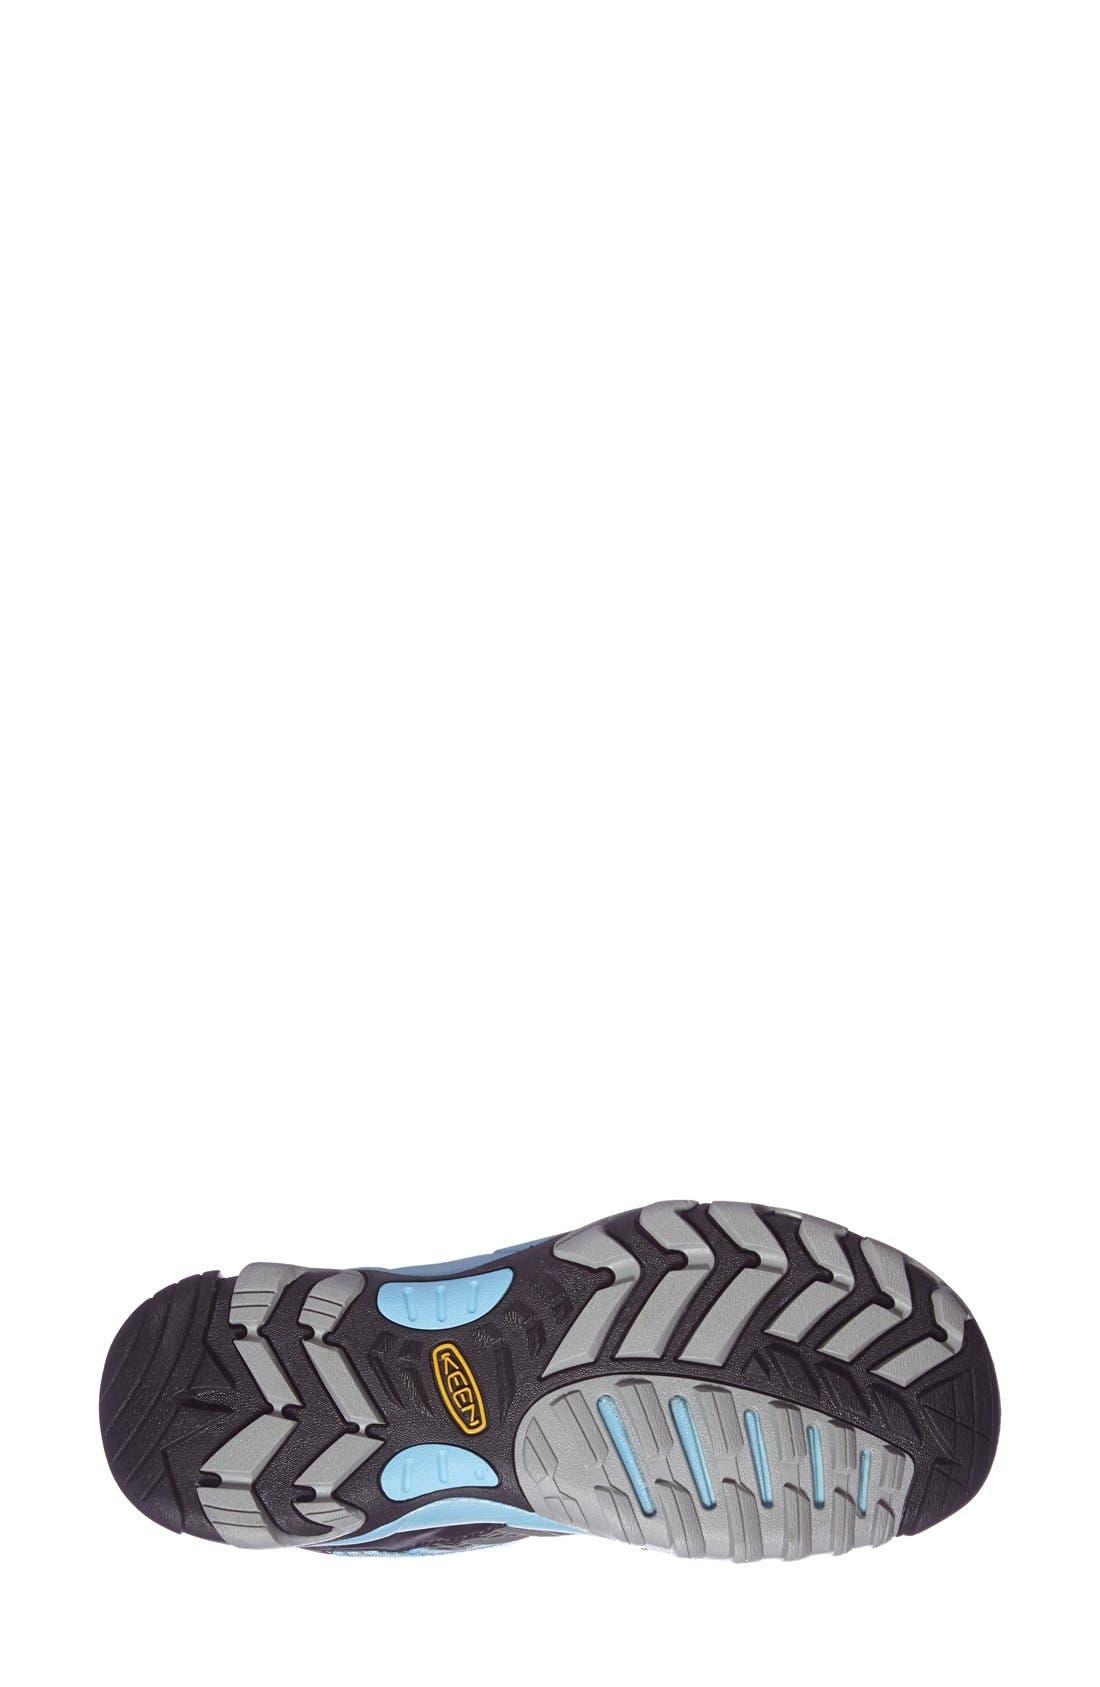 'Marshall' Hiking Shoe,                             Alternate thumbnail 4, color,                             020